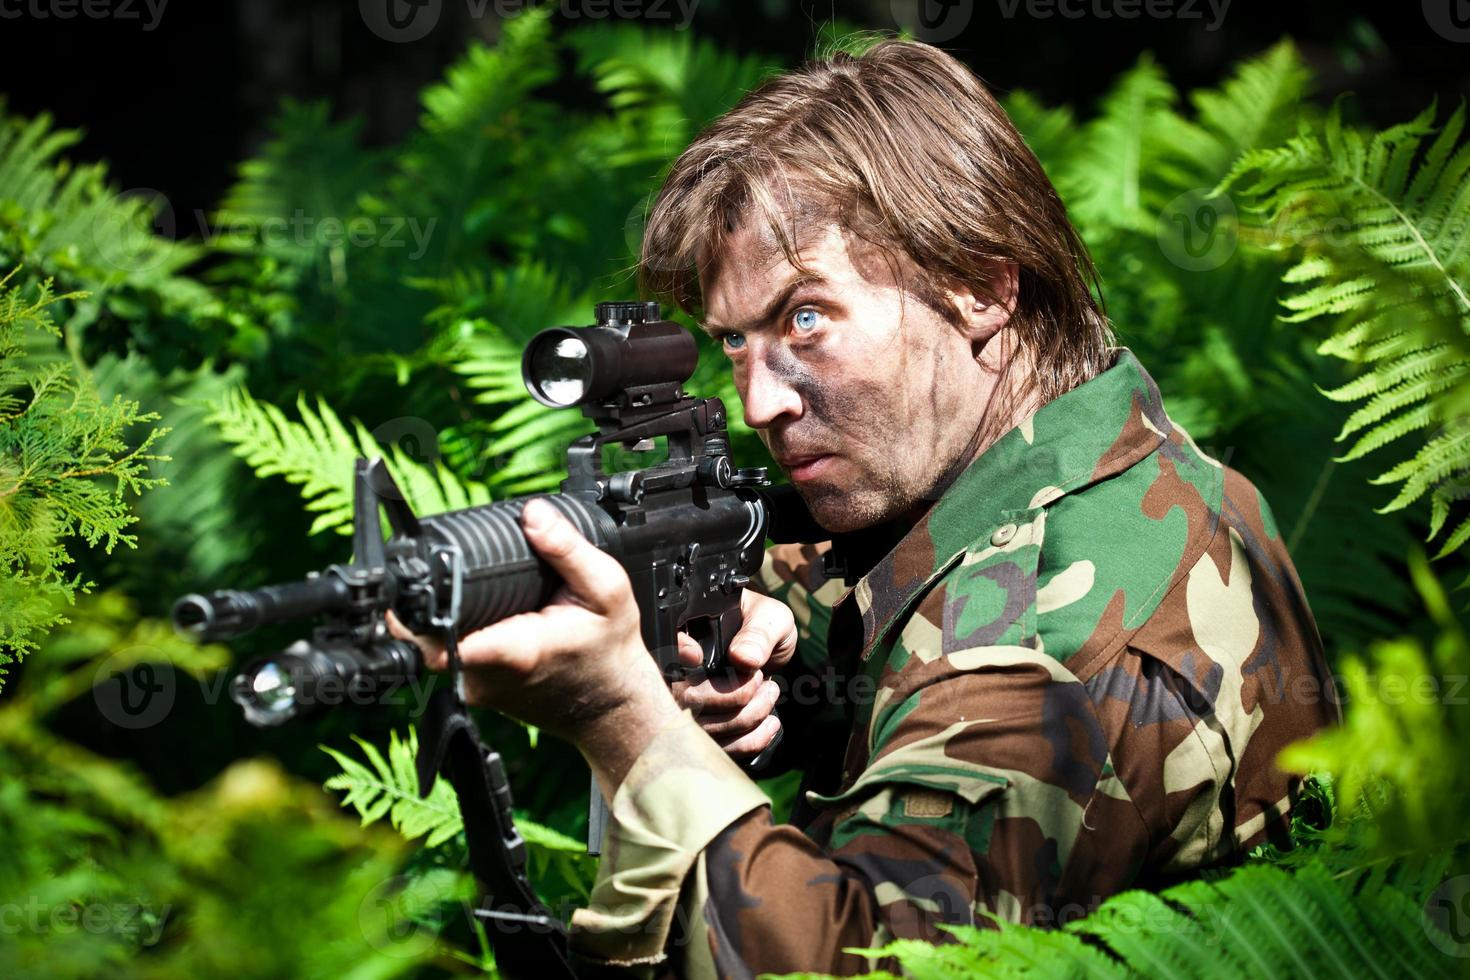 soldado sosteniendo una pistola foto